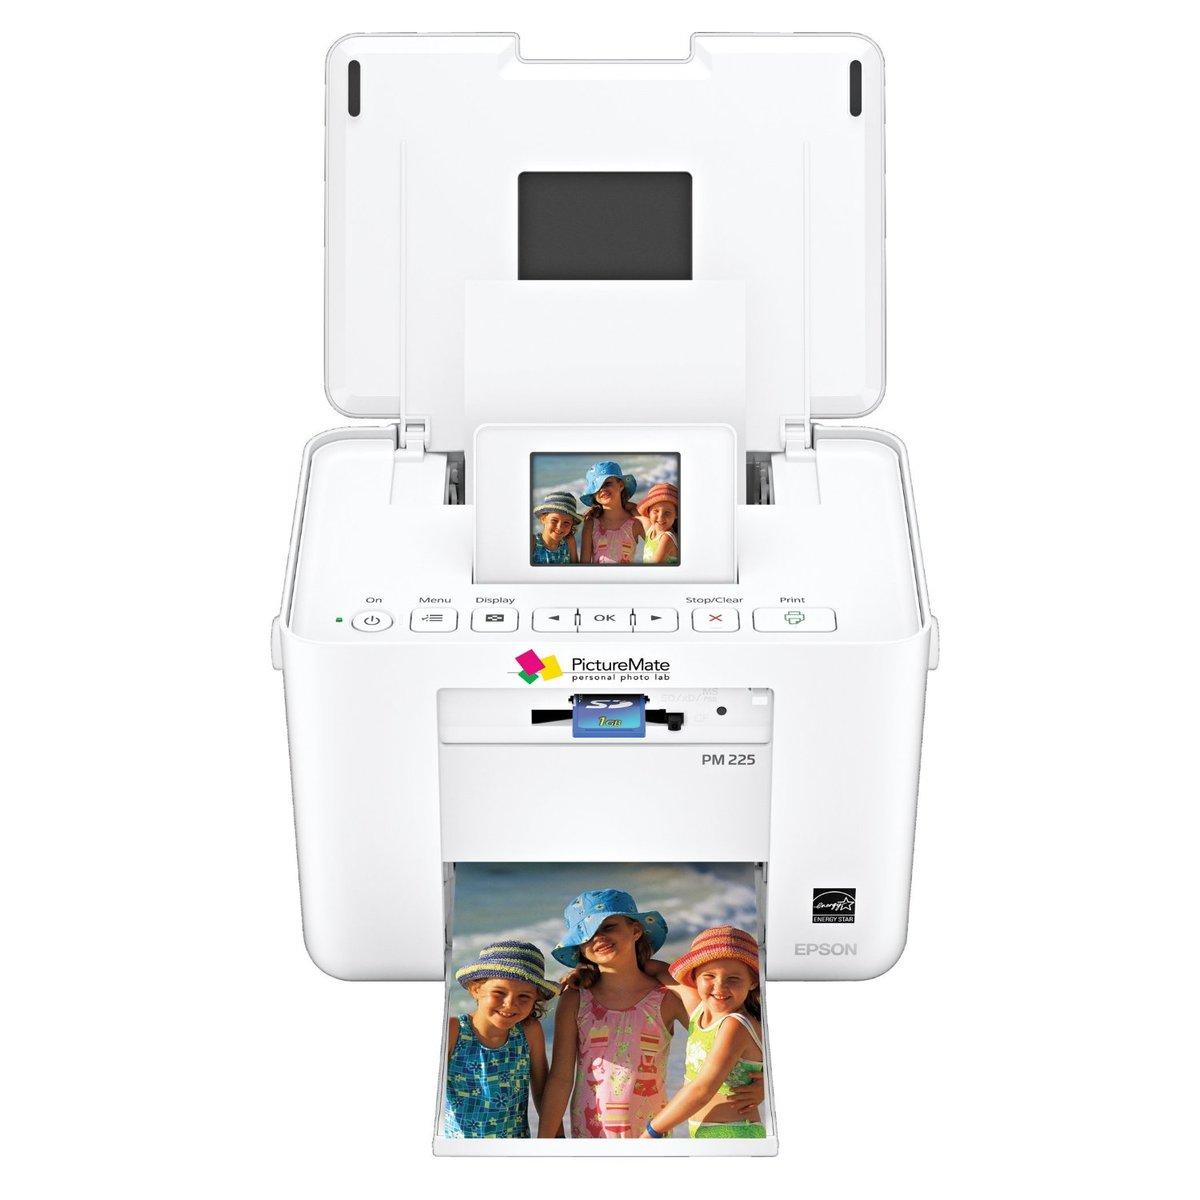 Epson Picturemate Charm Compact Photo Printer Pm 225 Driver